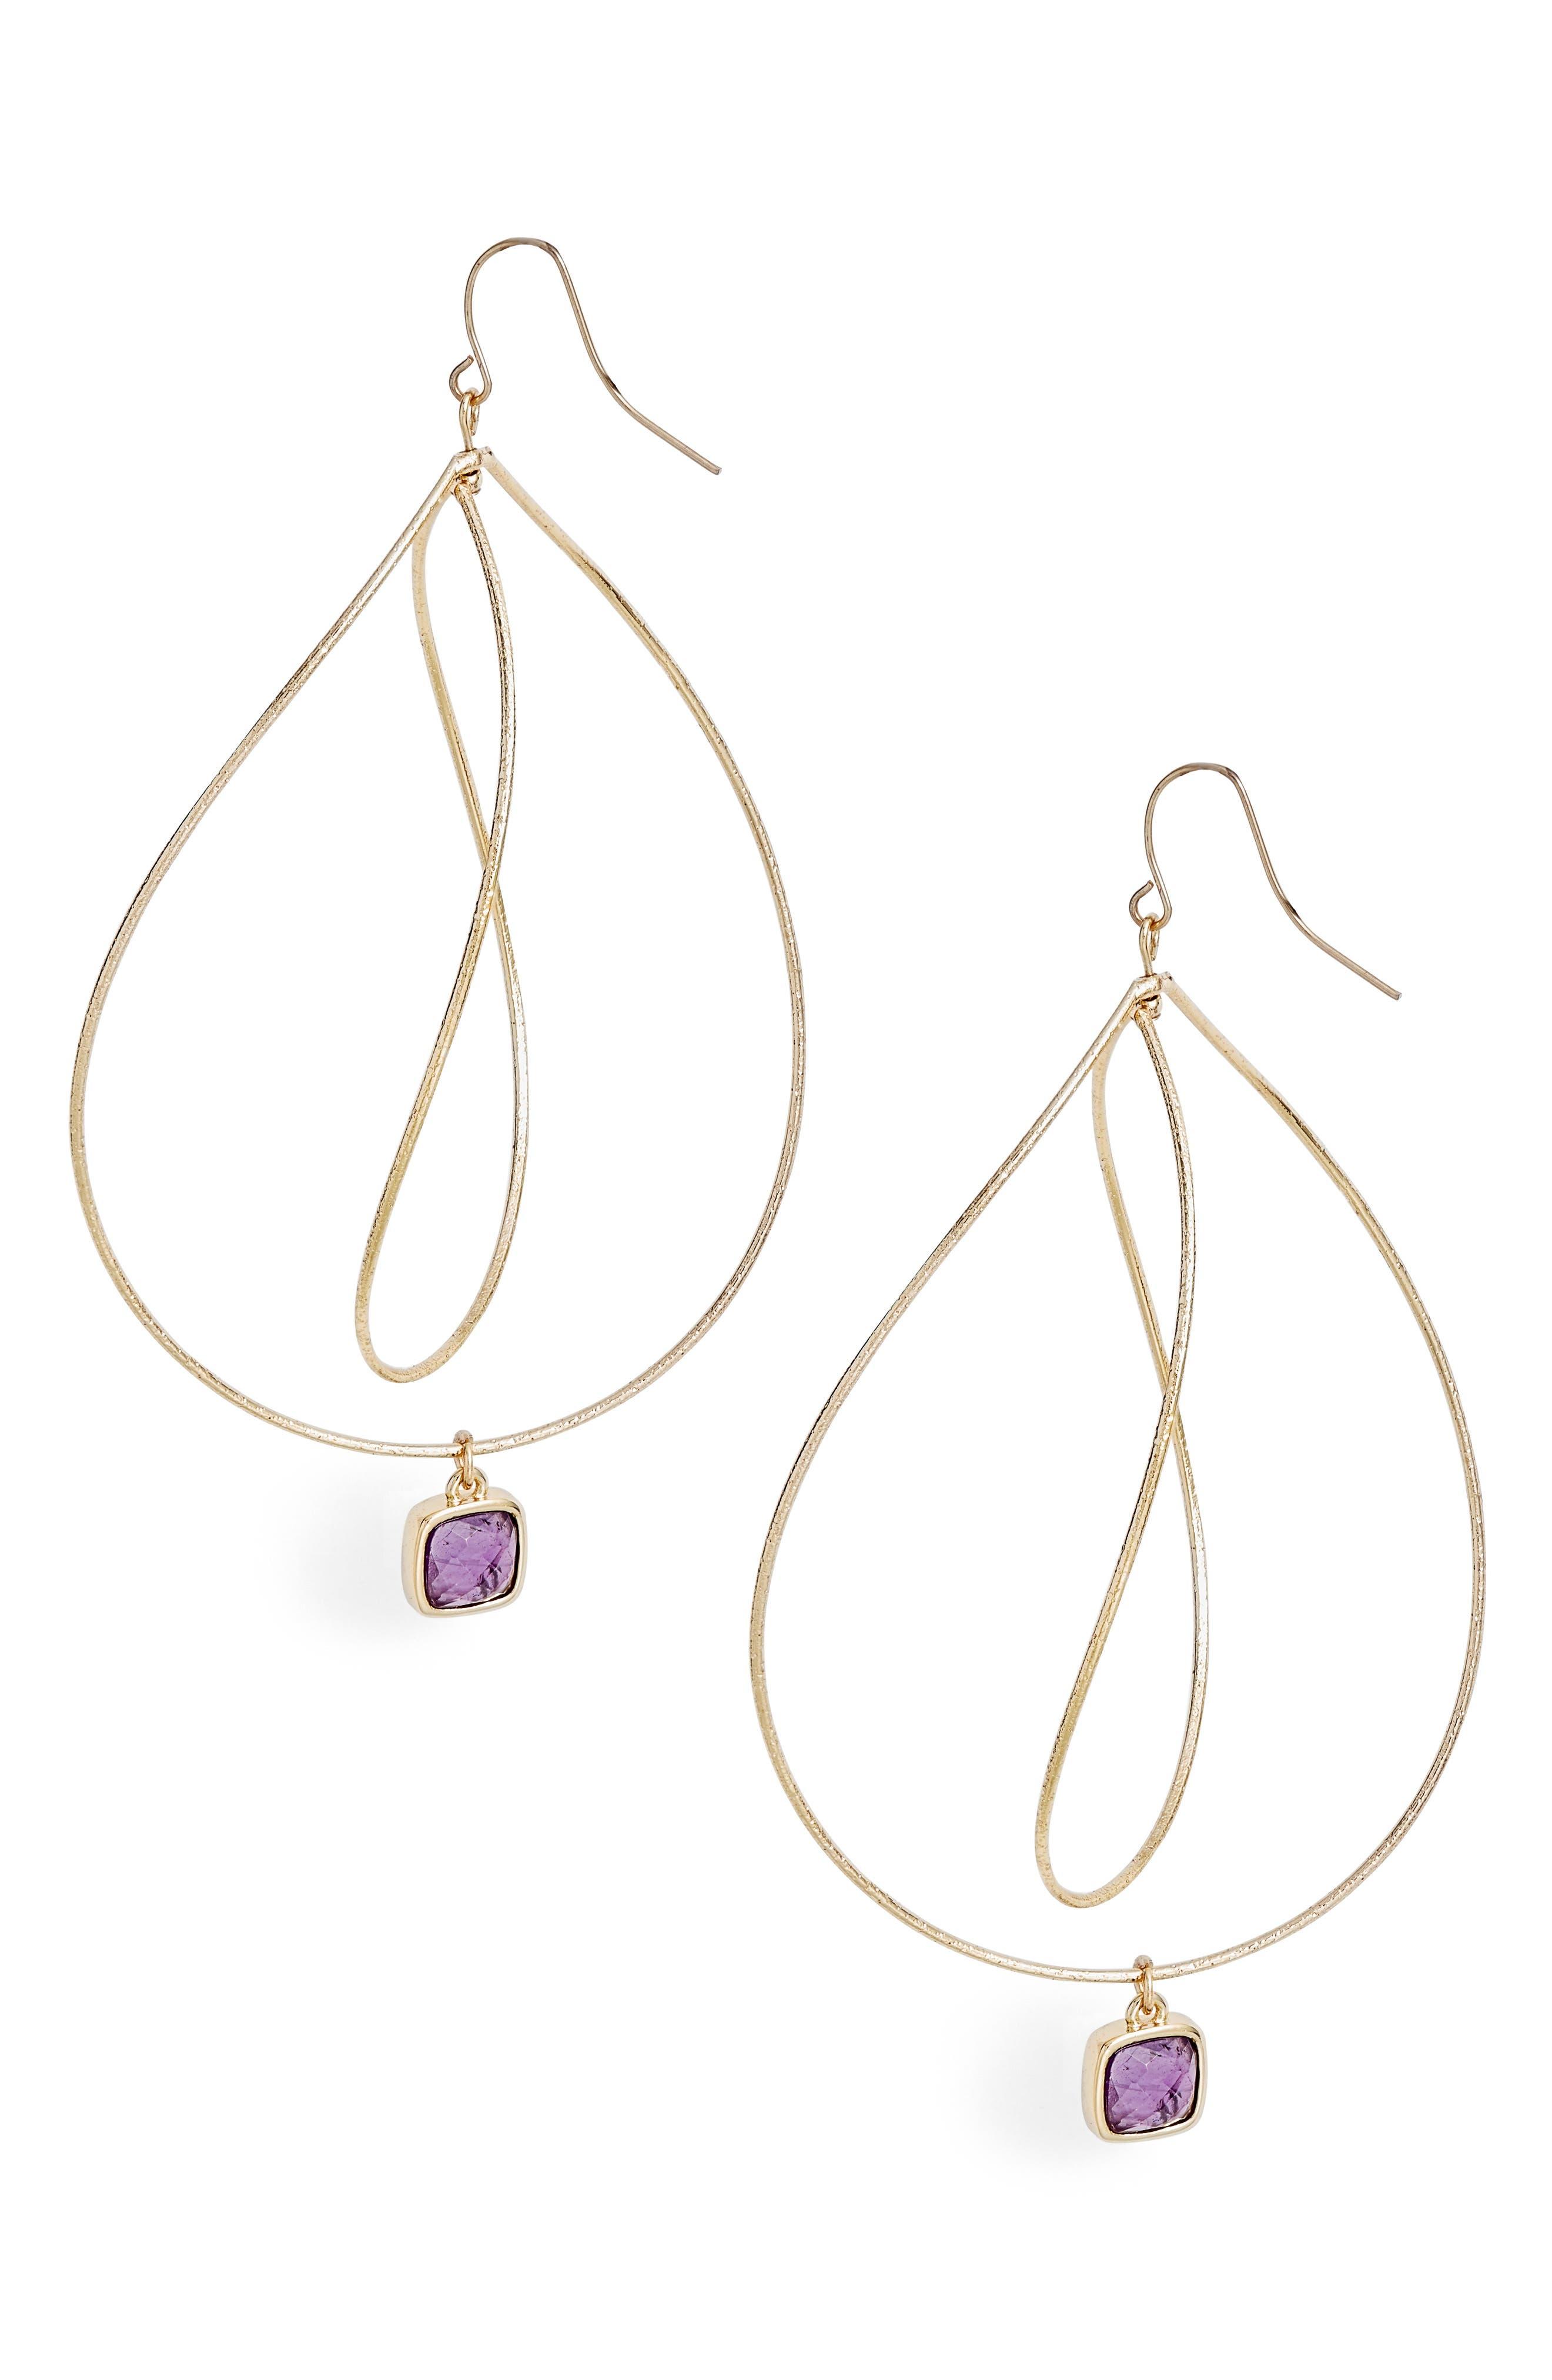 ELISE M. Viola Wave Crystal Drop Earrings in Gold/ Amethyst